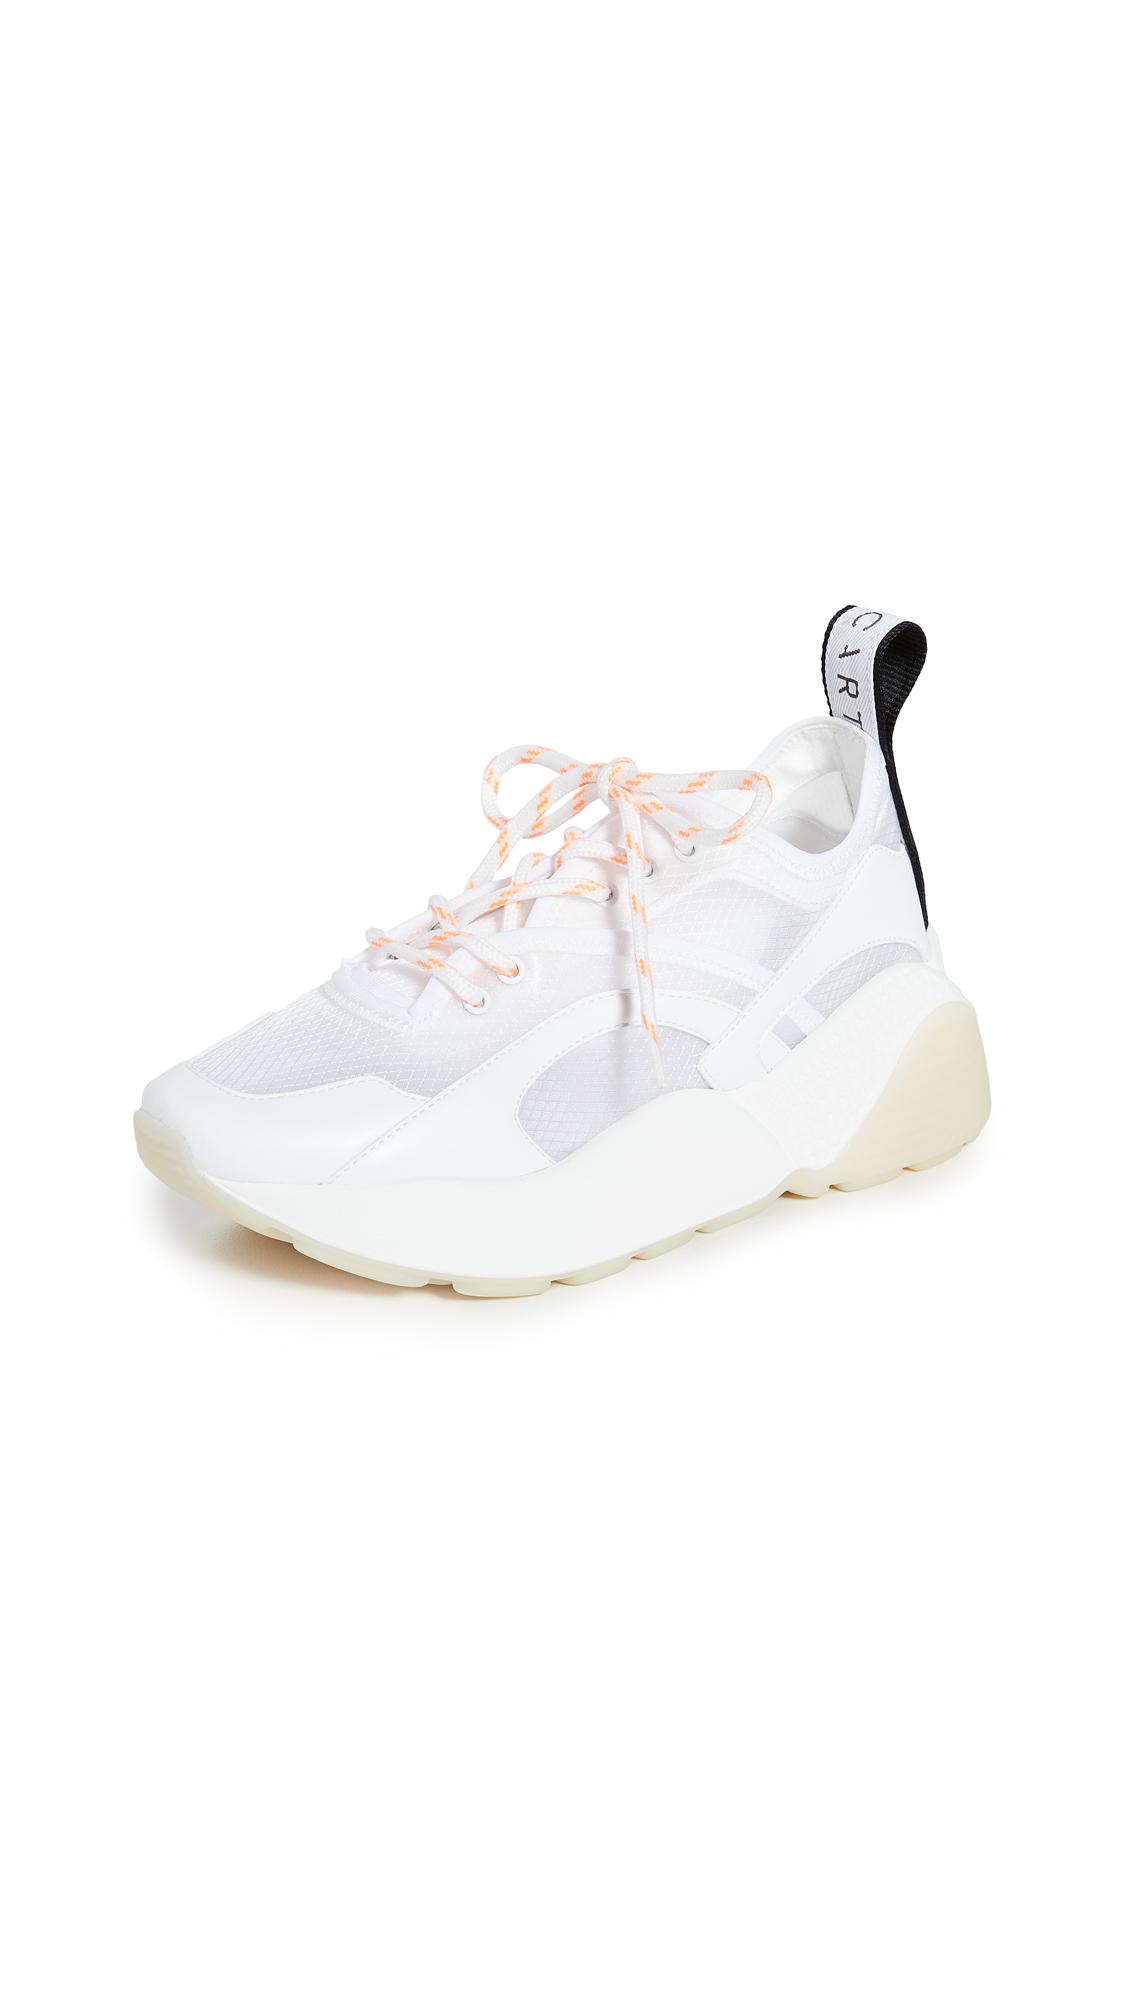 Stella McCartney Eclypse Lace Up Sneakers - 40% Off Sale